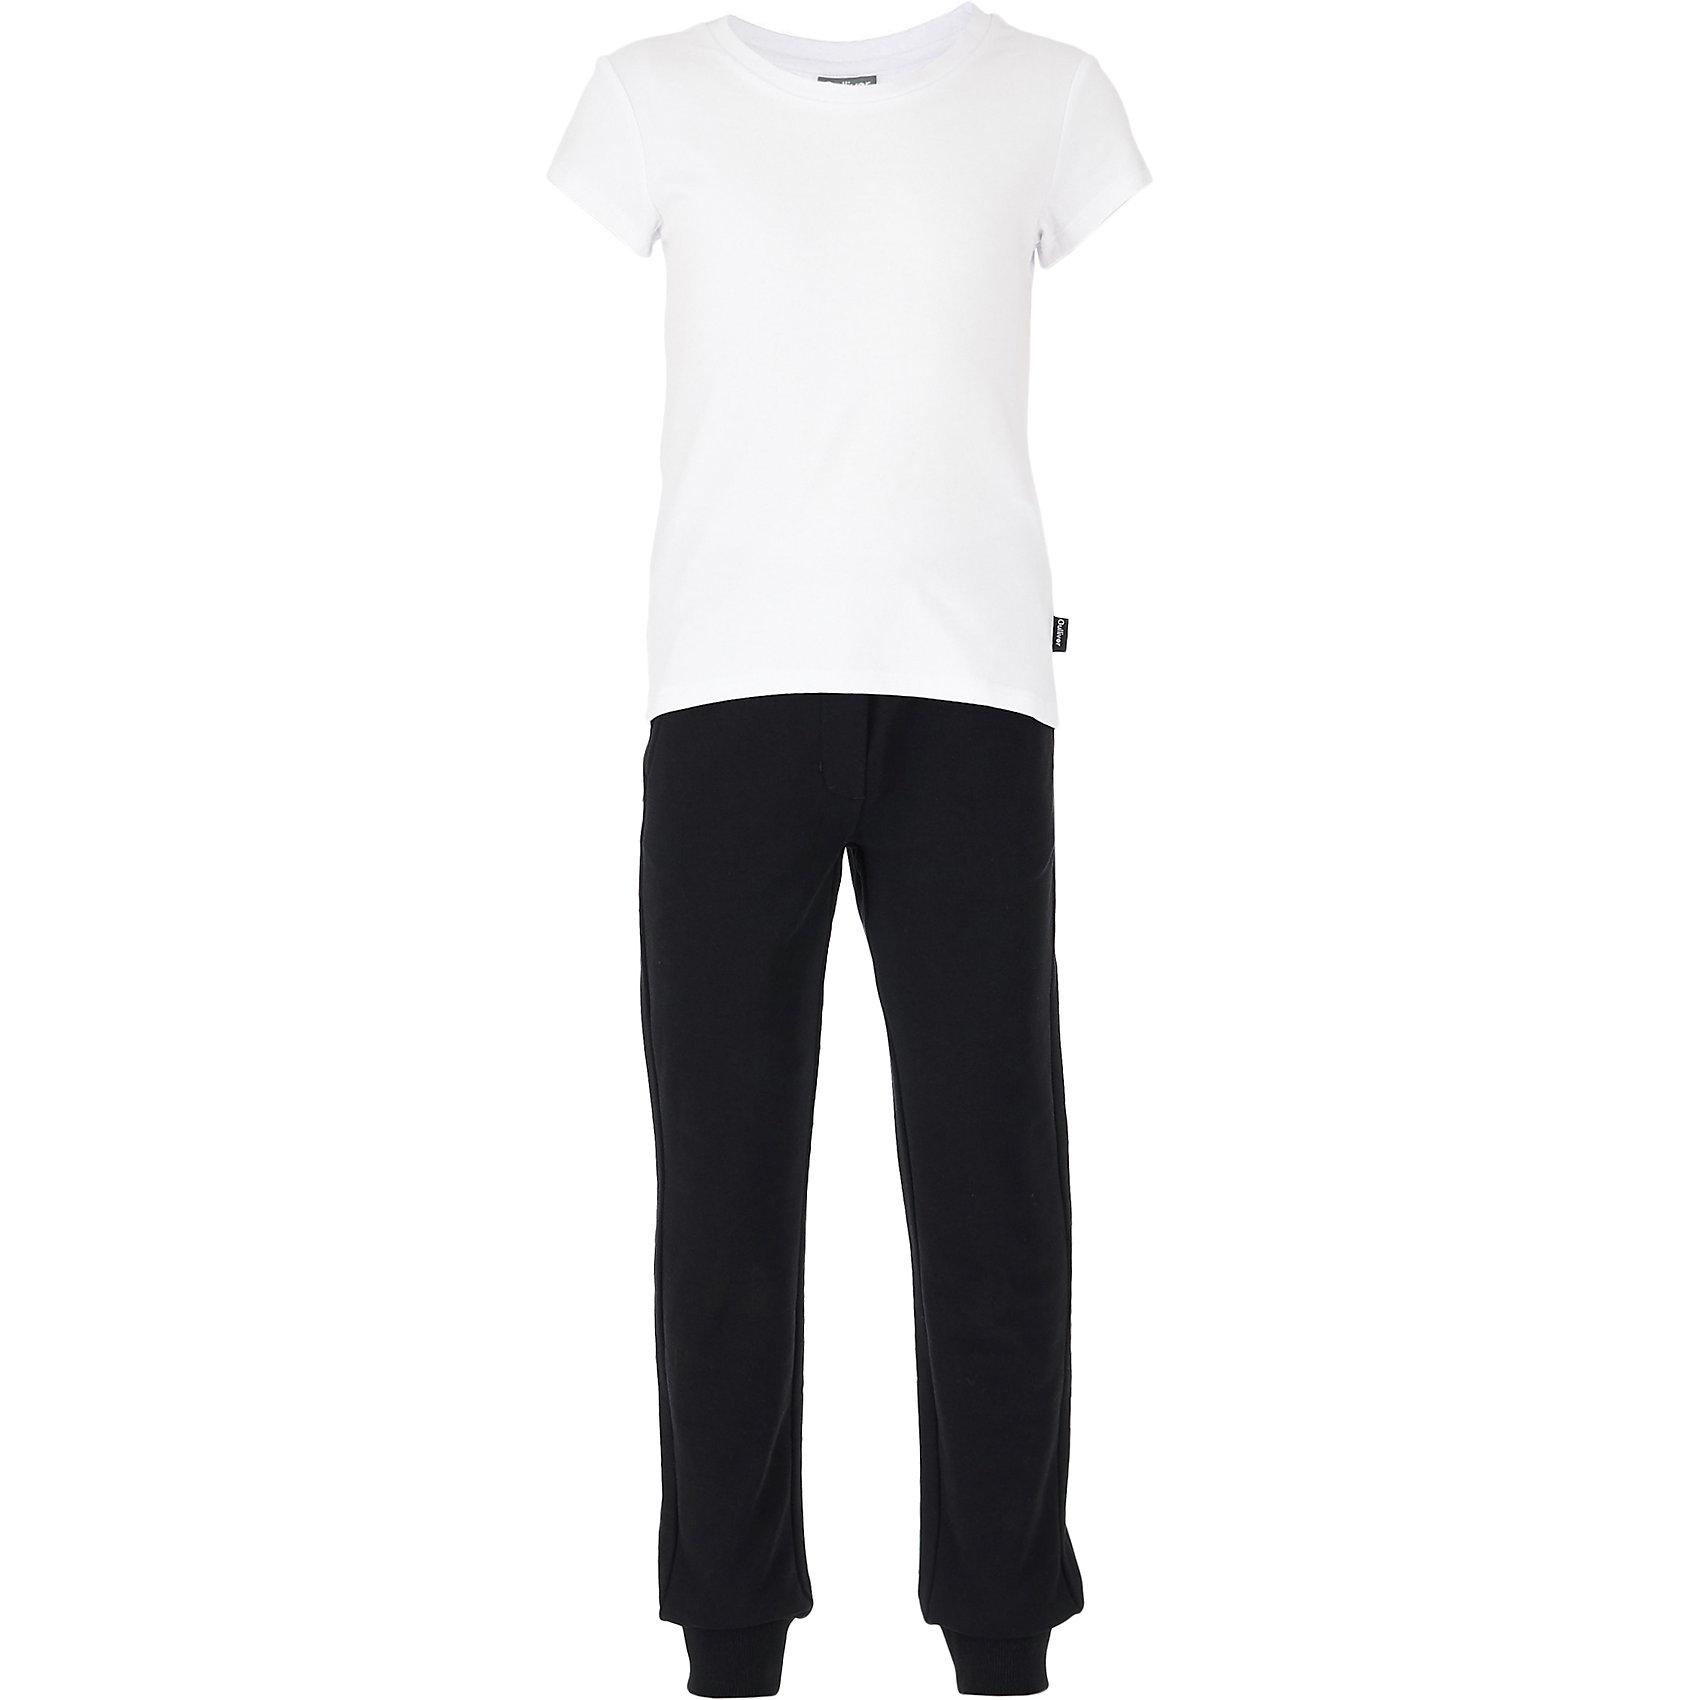 Комплект: футболка, брюки и мешок для девочки GulliverКомплекты<br>Белый верх, черный низ - готовое решение для занятий физкультурой и спортом. Школьная спортивная форма прекрасно сидит, элегантно выглядит и, главное, соответствует всем требованиям учебных заведений! Великолепное хлопчатобумажное трикотажное полотно с небольшим содержанием эластана красиво облегает фигуру, не сковывая движений. Удобная фирменная упаковка не позволяет затеряться футболке и брюкам в школьной раздевалке. Этот набор для физкультуры может служить оригинальным подарком ученице к новому учебному году.<br>Состав:<br>Футболка:             95% хлопок            5% эластан           Брюки:                    95% хлопок             5% эластан                  Мешочек:              100% хлопок<br><br>Ширина мм: 215<br>Глубина мм: 88<br>Высота мм: 191<br>Вес г: 336<br>Цвет: белый<br>Возраст от месяцев: 96<br>Возраст до месяцев: 108<br>Пол: Женский<br>Возраст: Детский<br>Размер: 134,140,146,152,170,122,128,158,164<br>SKU: 6678978